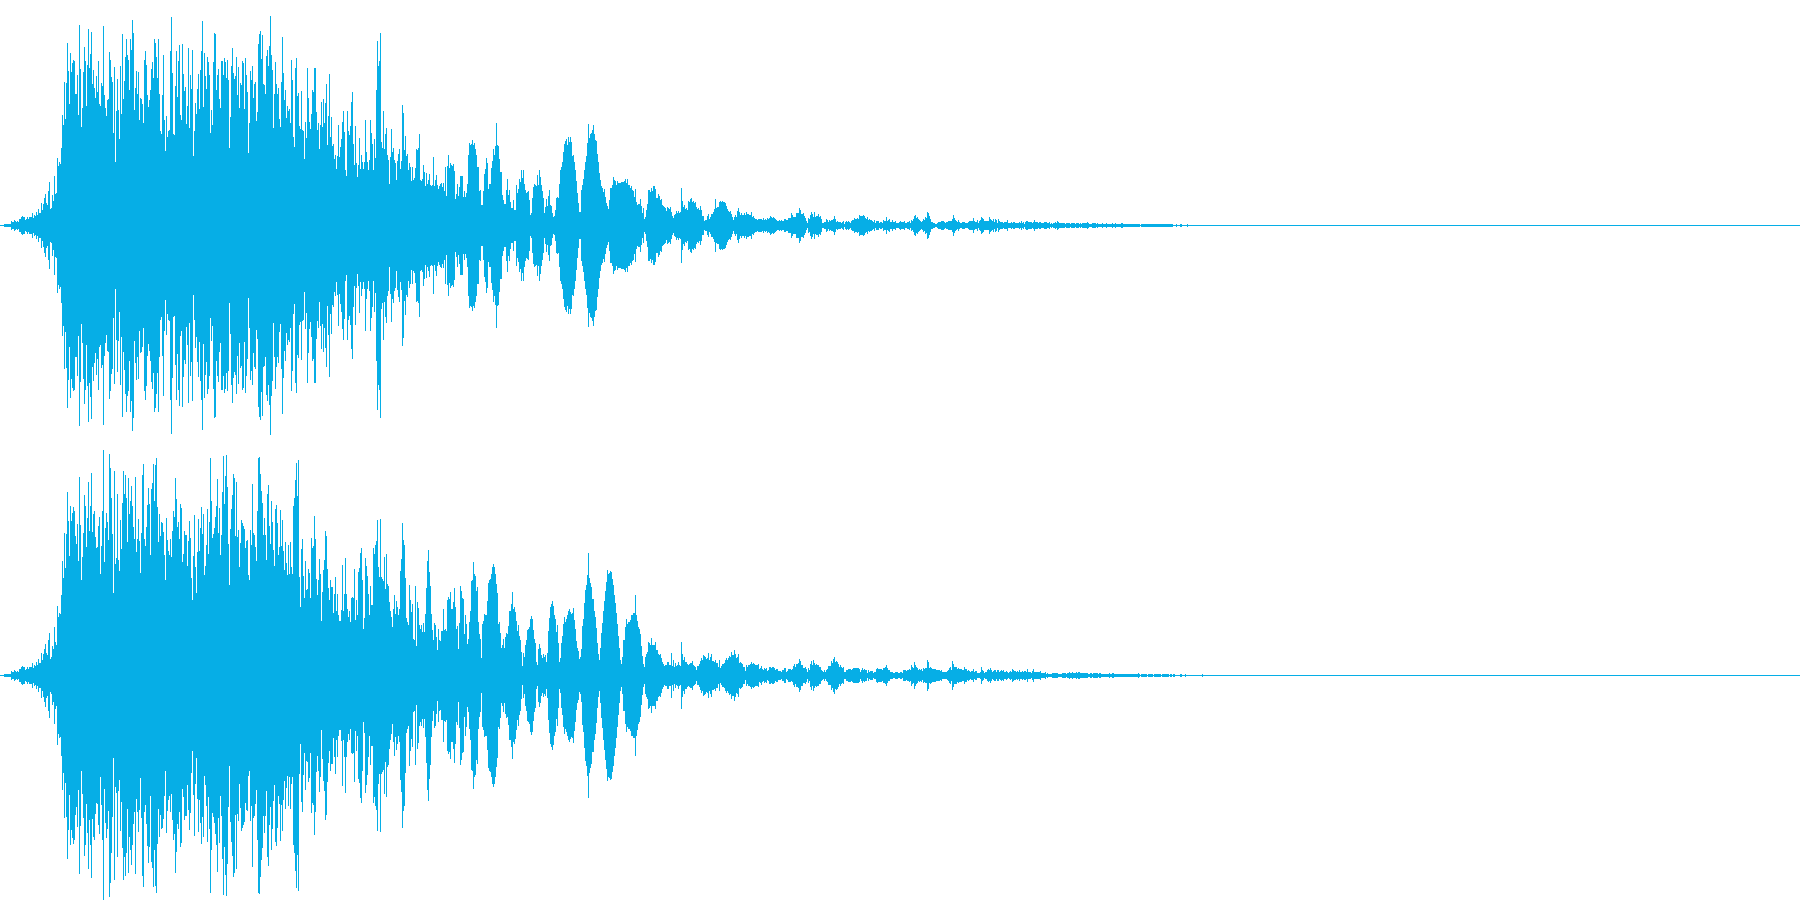 斬撃音(刀や剣で斬る/刺す効果音)06bの再生済みの波形